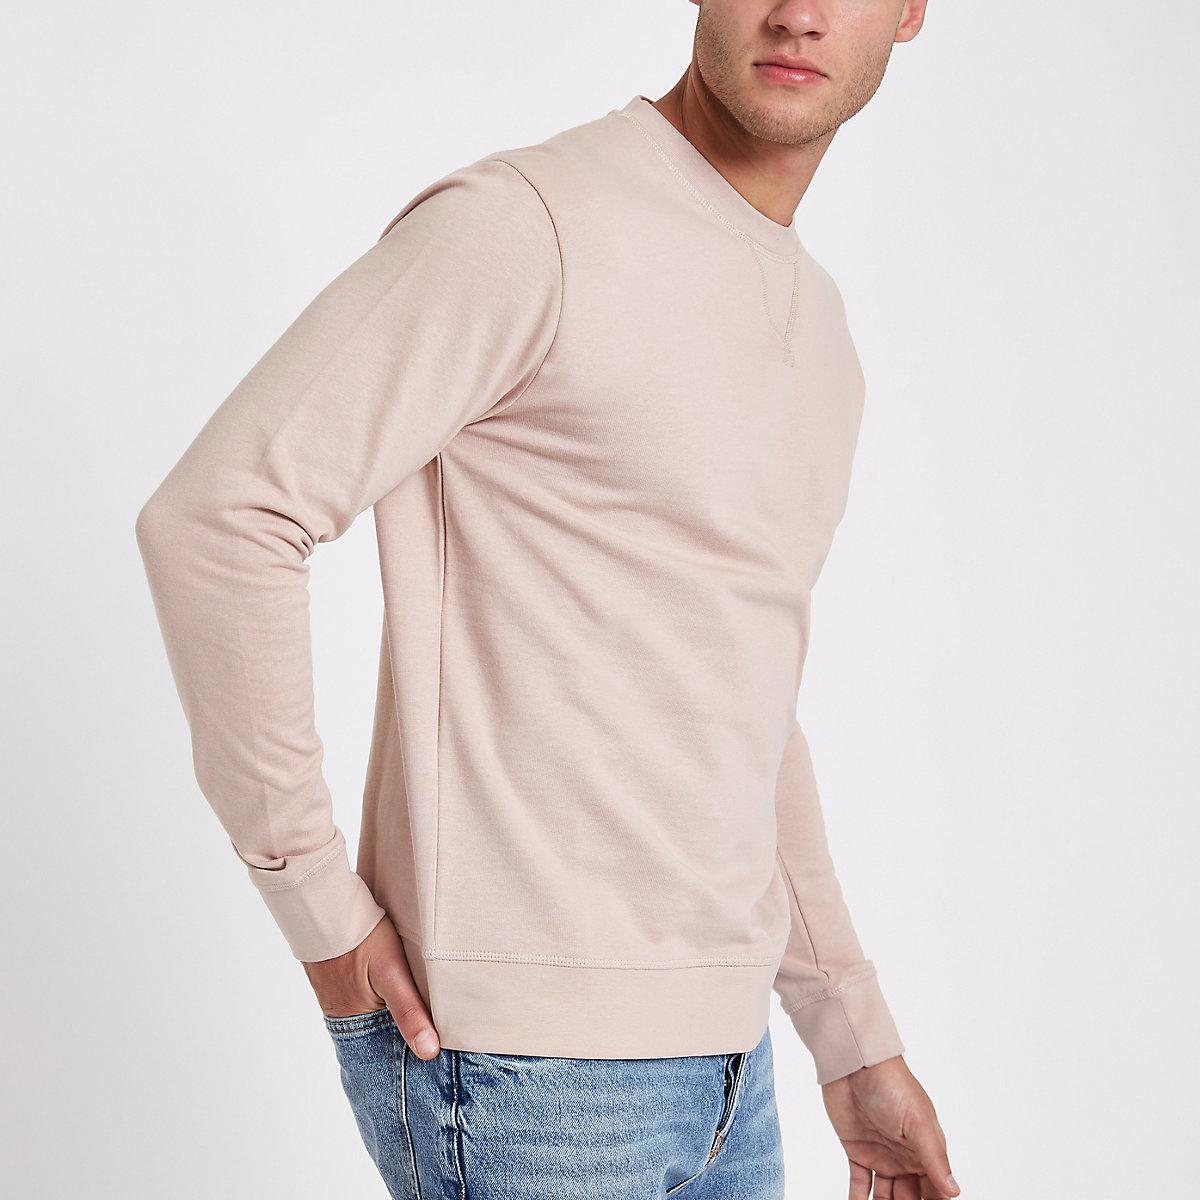 Minimum pink jumper